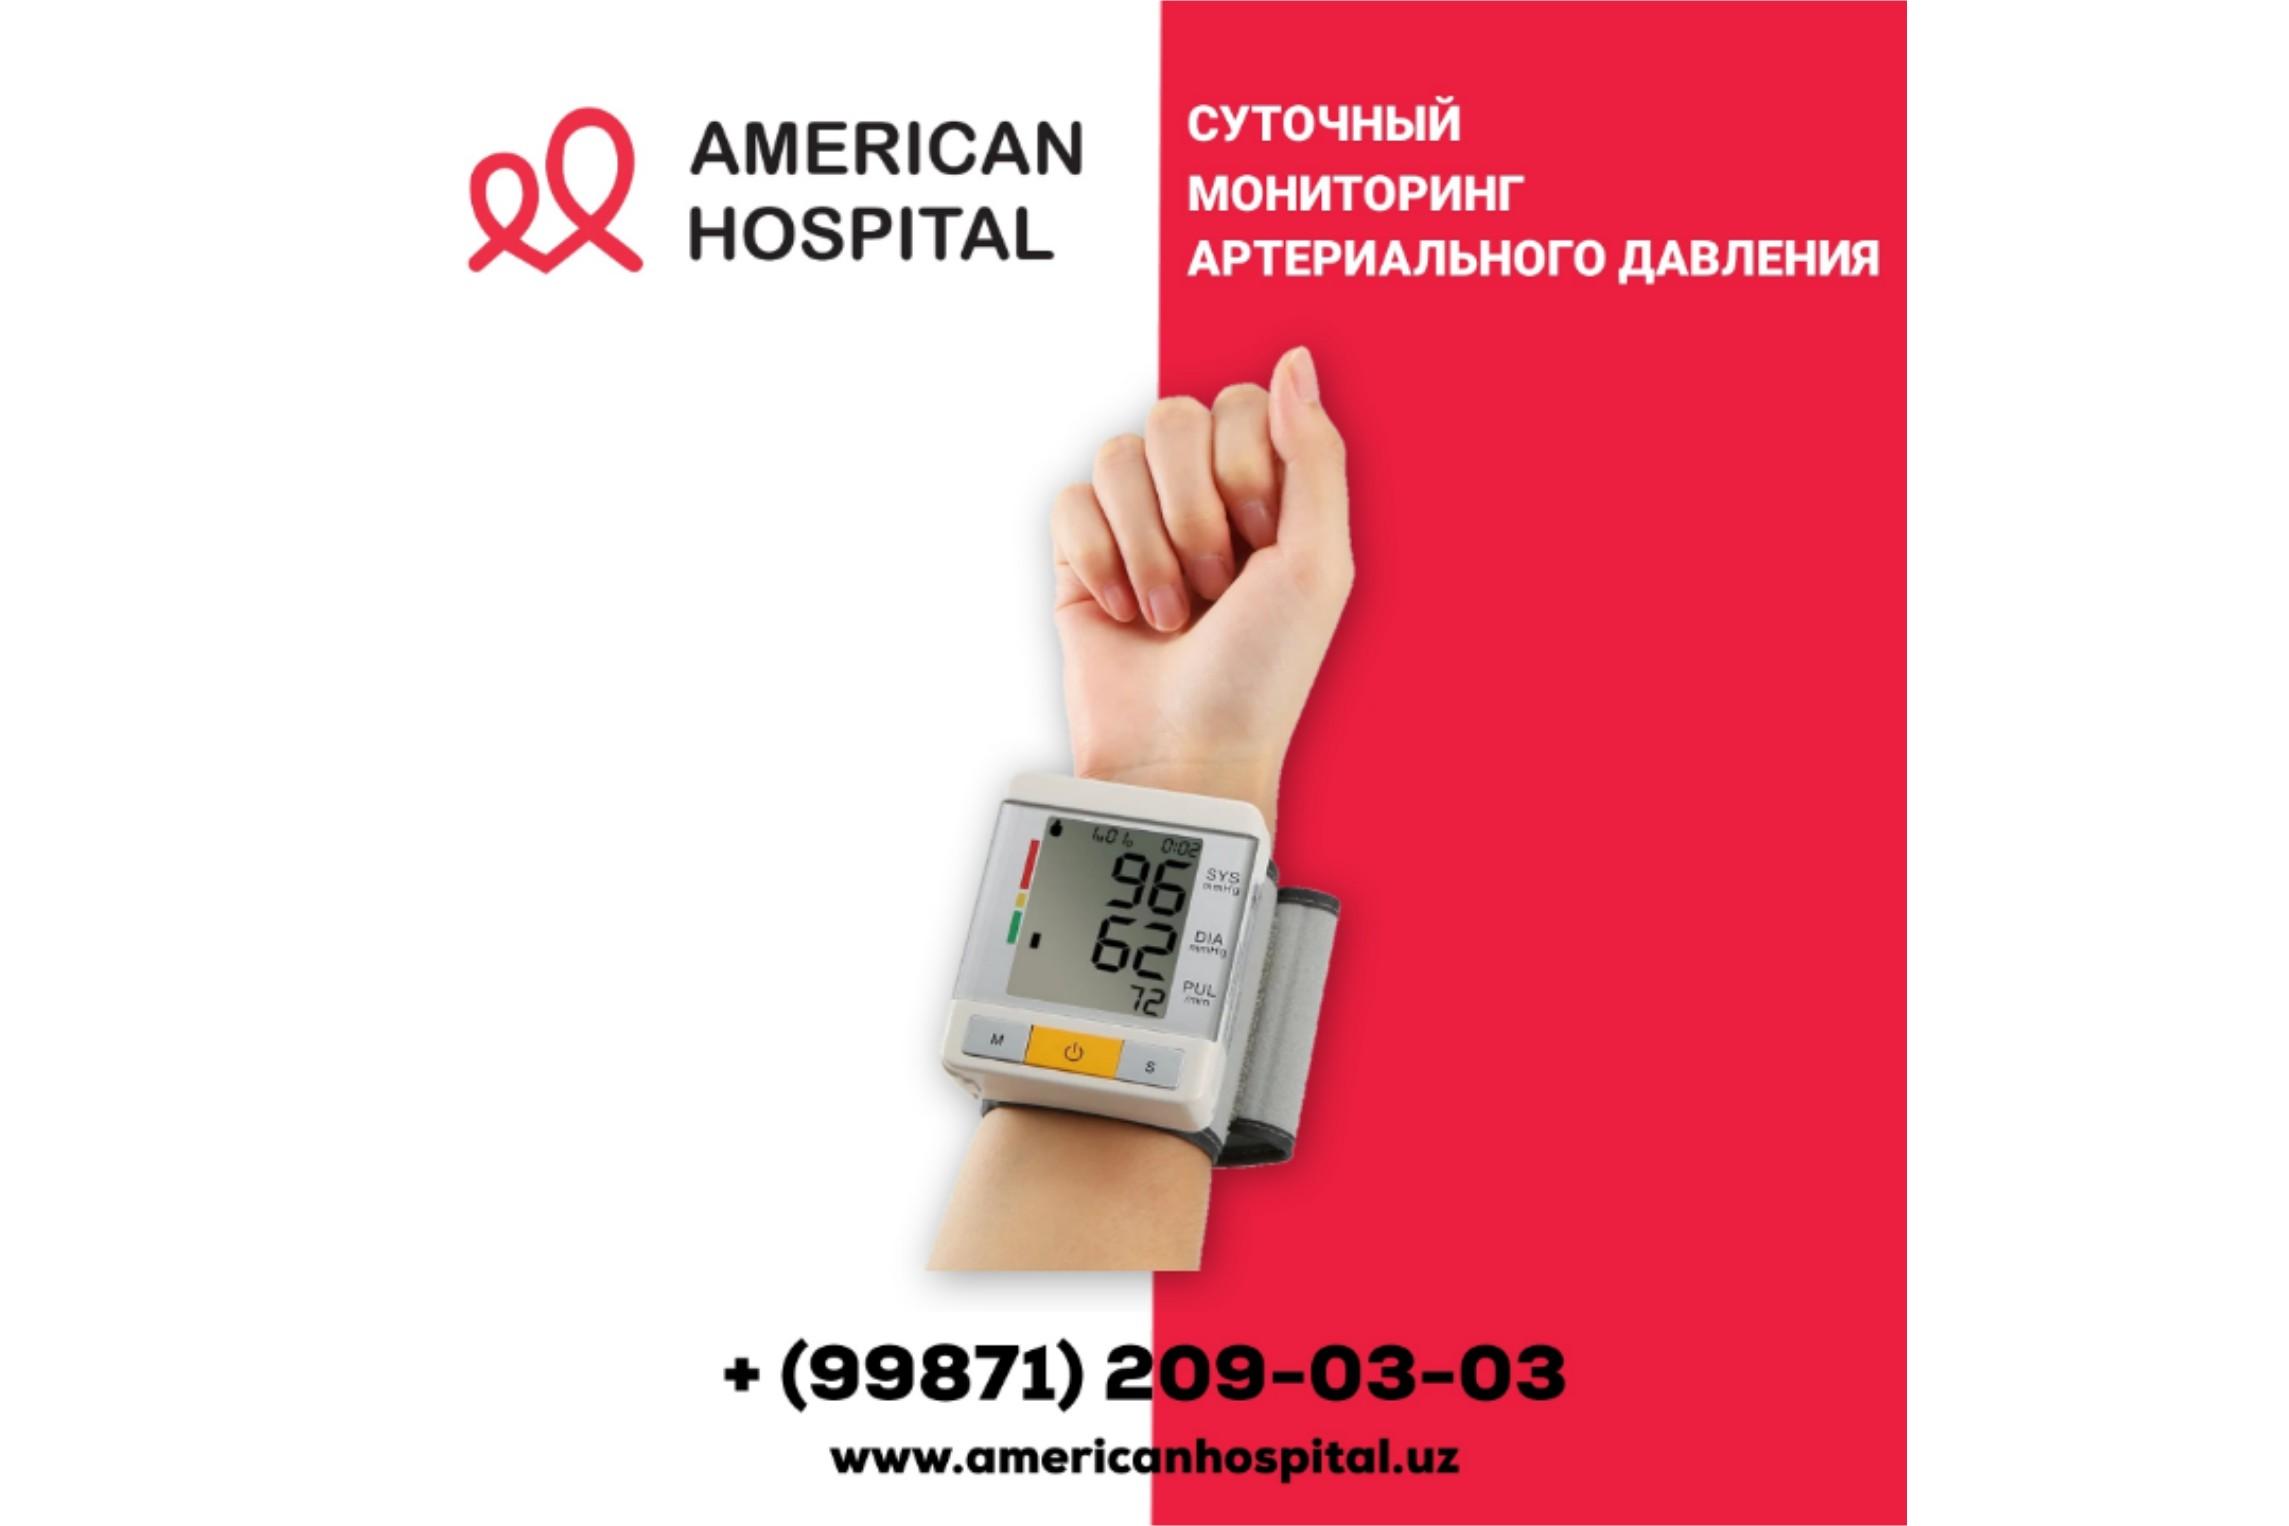 Суточный мониторинг артериального давления